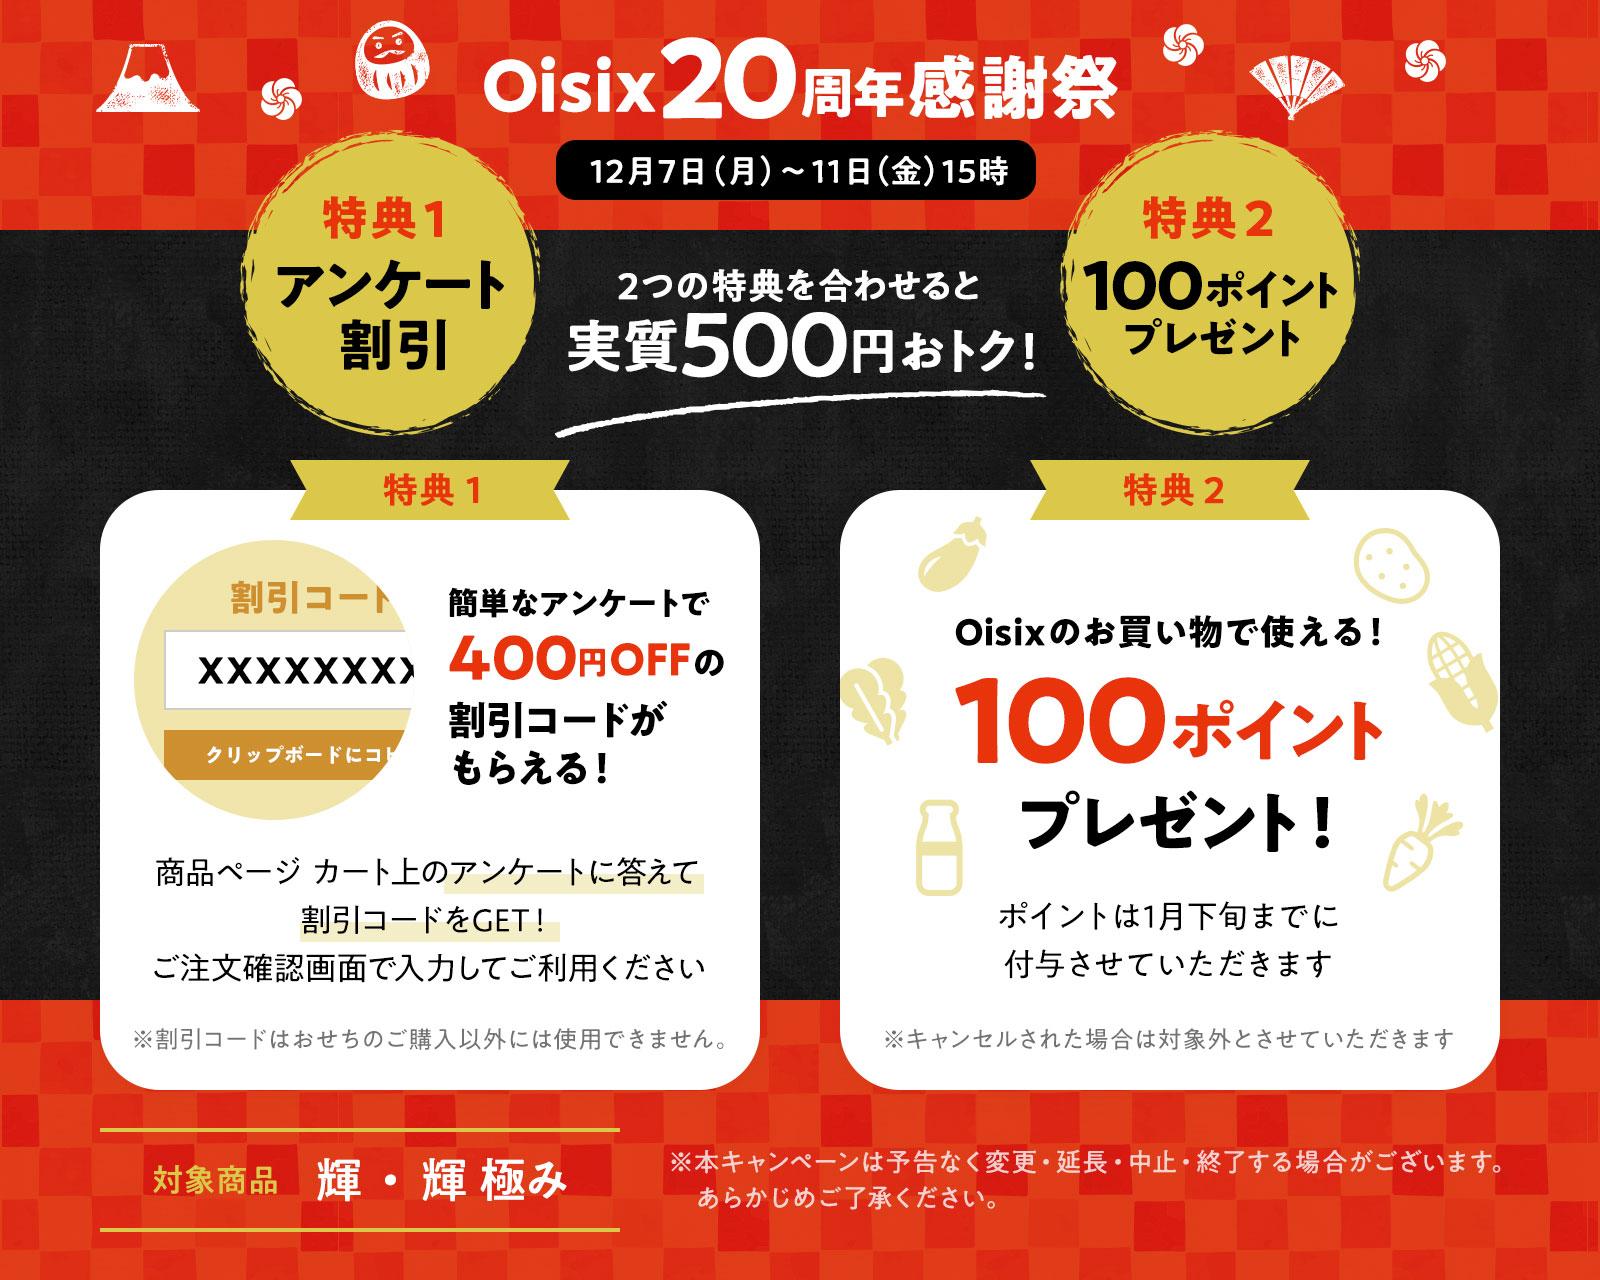 オイシックスおせち2021 Oisix20周年感謝祭